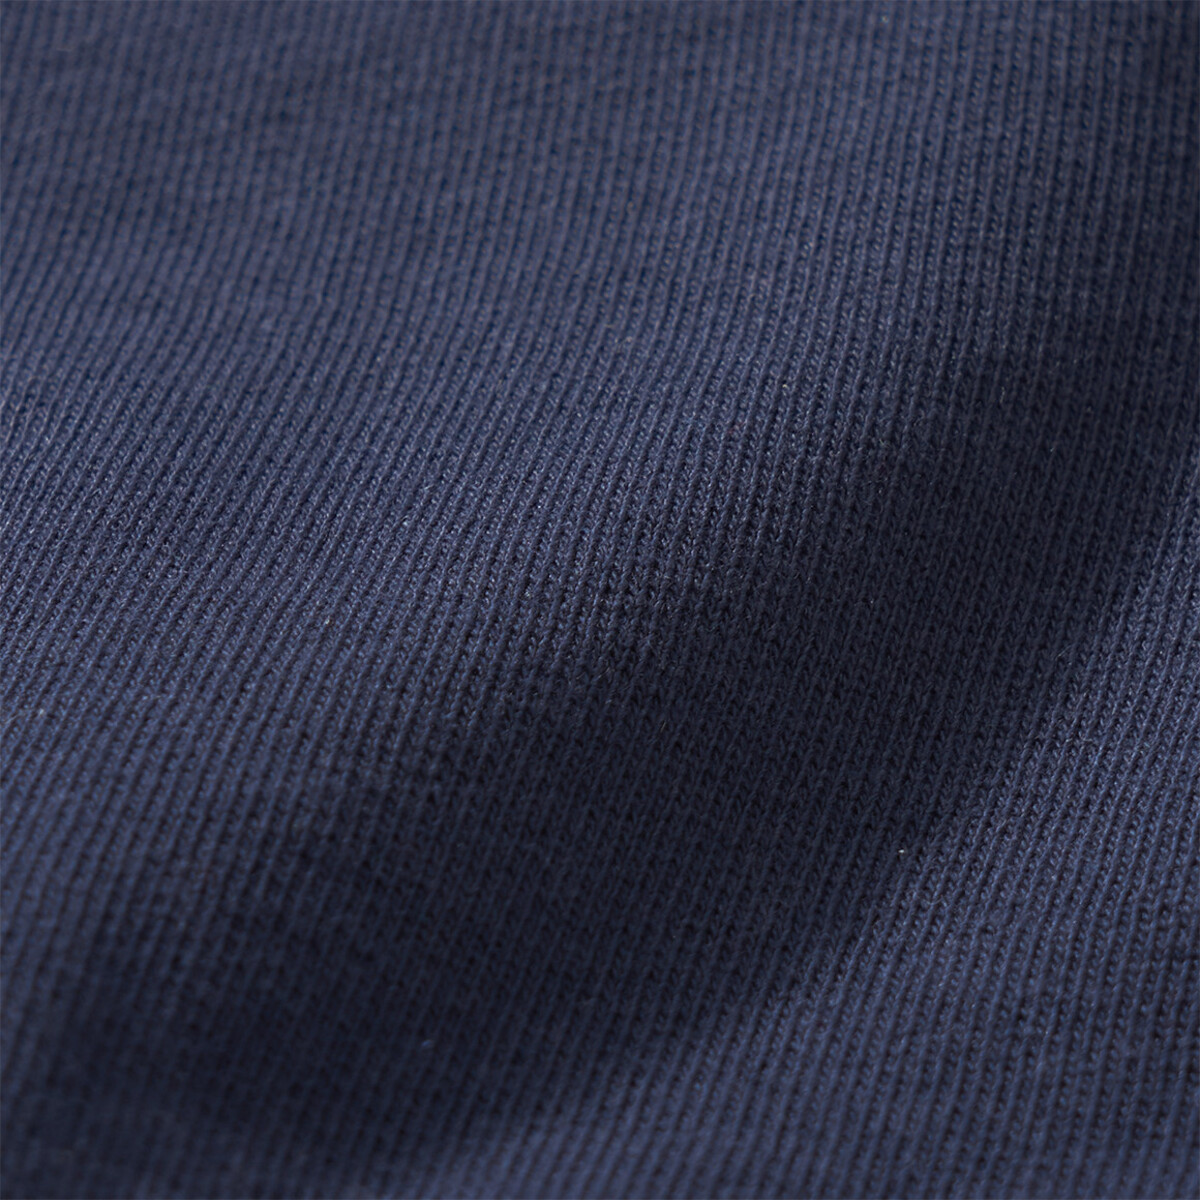 Bild 5 von Jungen Sweatshirt mit Trecker-Applikation